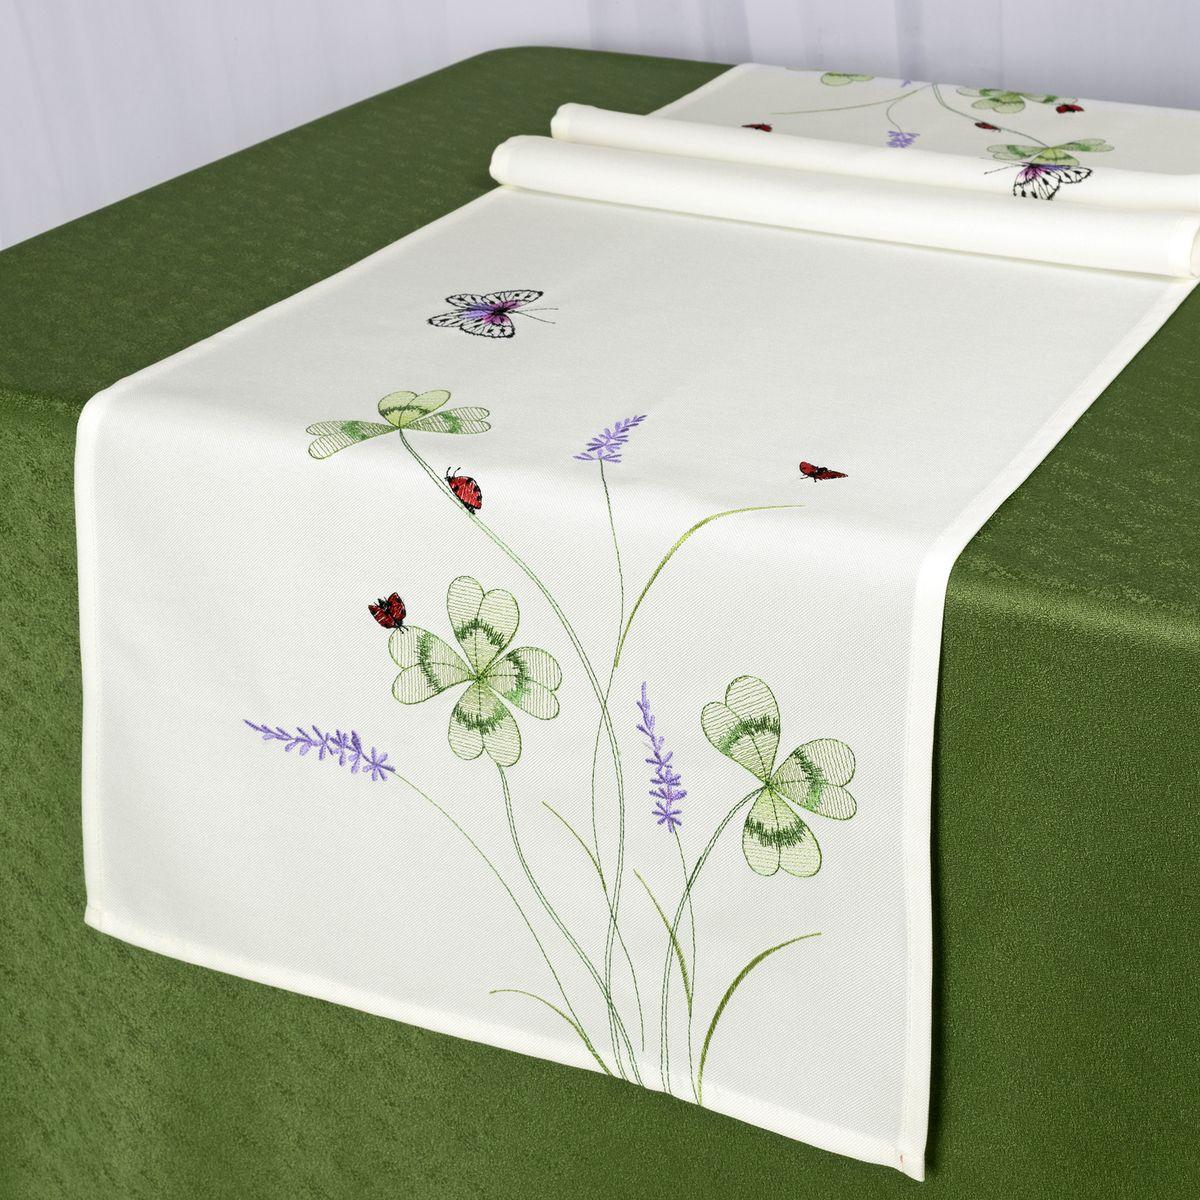 Дорожка для декорирования стола Schaefer, 40 x 140 см, цвет: белый. 07725-211CLP446Дорожка для декорирования стола Schaefer может быть использована, как основной элемент, так и дополнение для создания уюта и романтического настроения.Дорожка выполнена из полиэстера. Изделие легко стирать: оно не мнется, не садится и быстро сохнет, более долговечно, чем изделие из натуральных волокон.Материал: 100% полиэстер.Размер: 40 x 140 см.